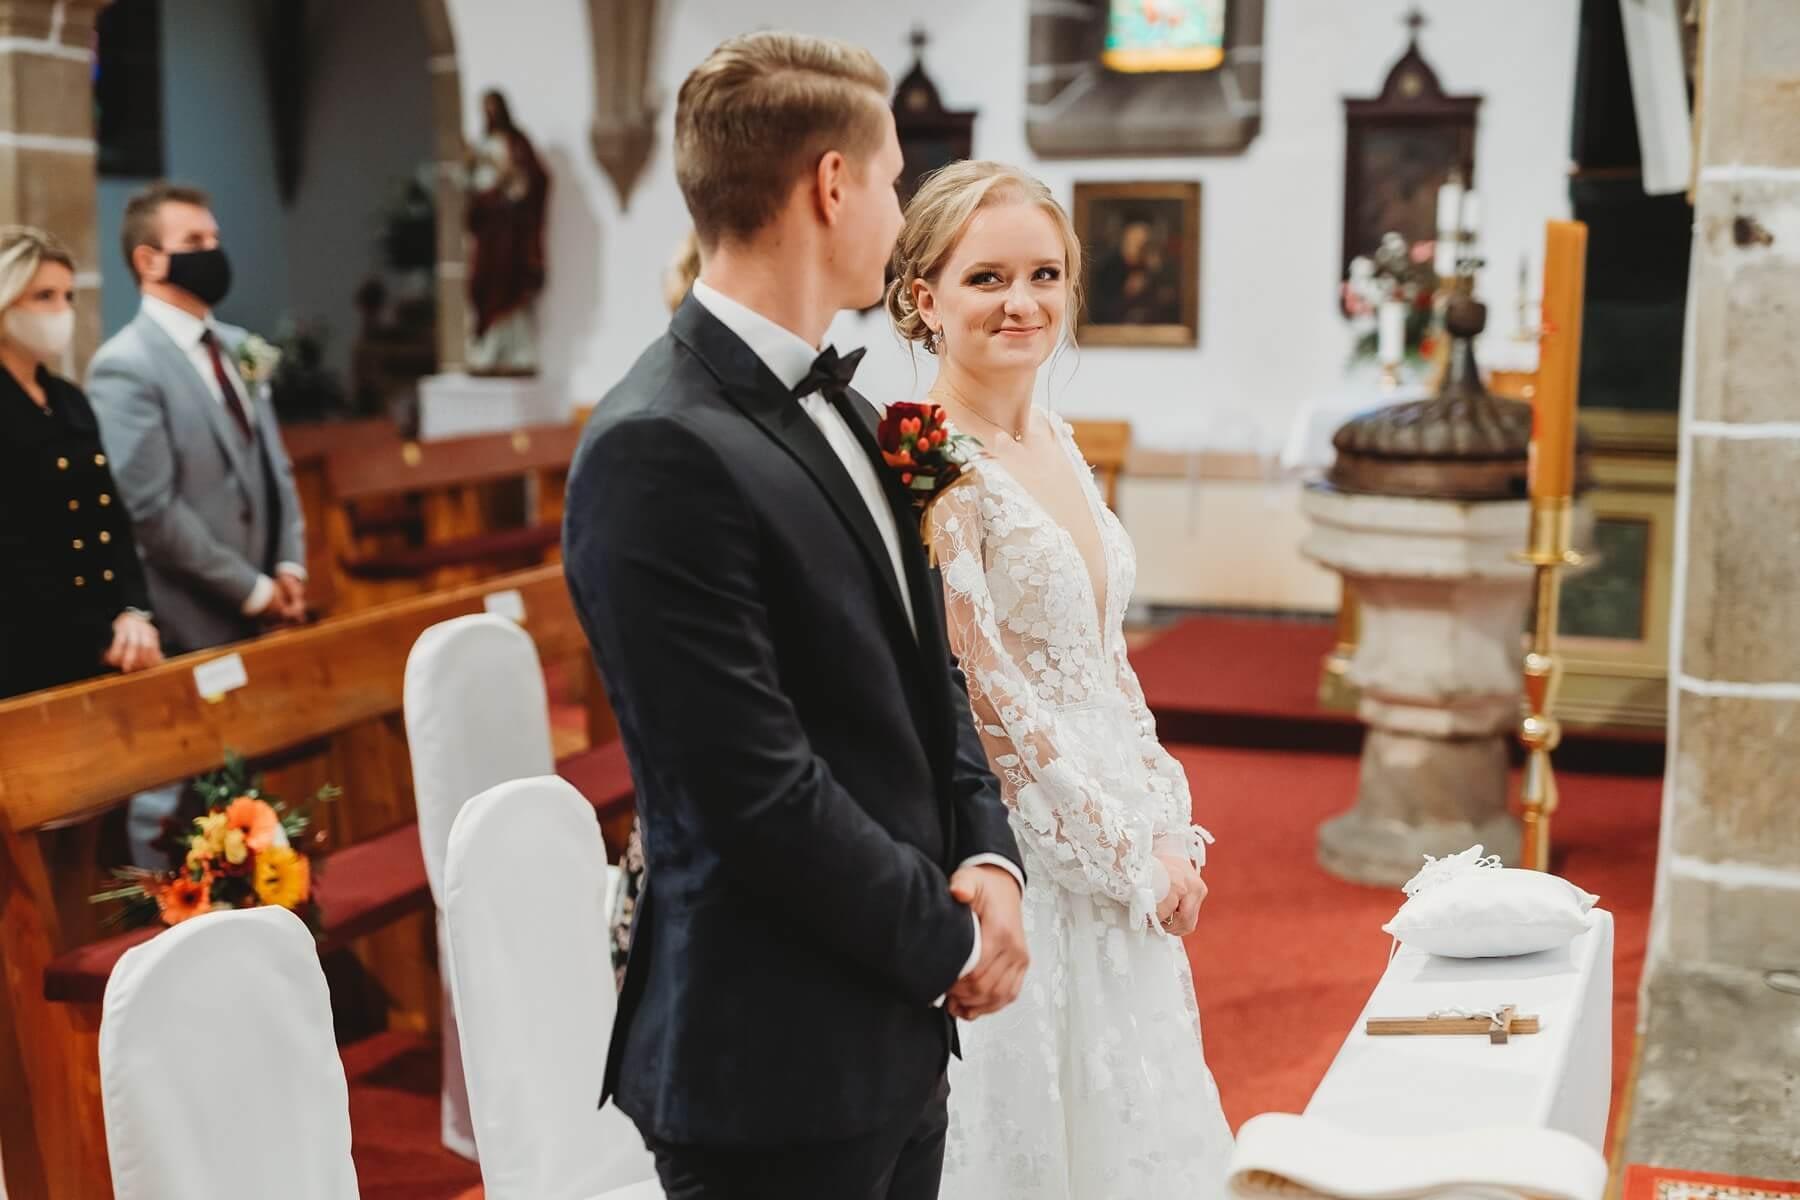 Svadobný fotograf - Liptov - Svadba na zámku